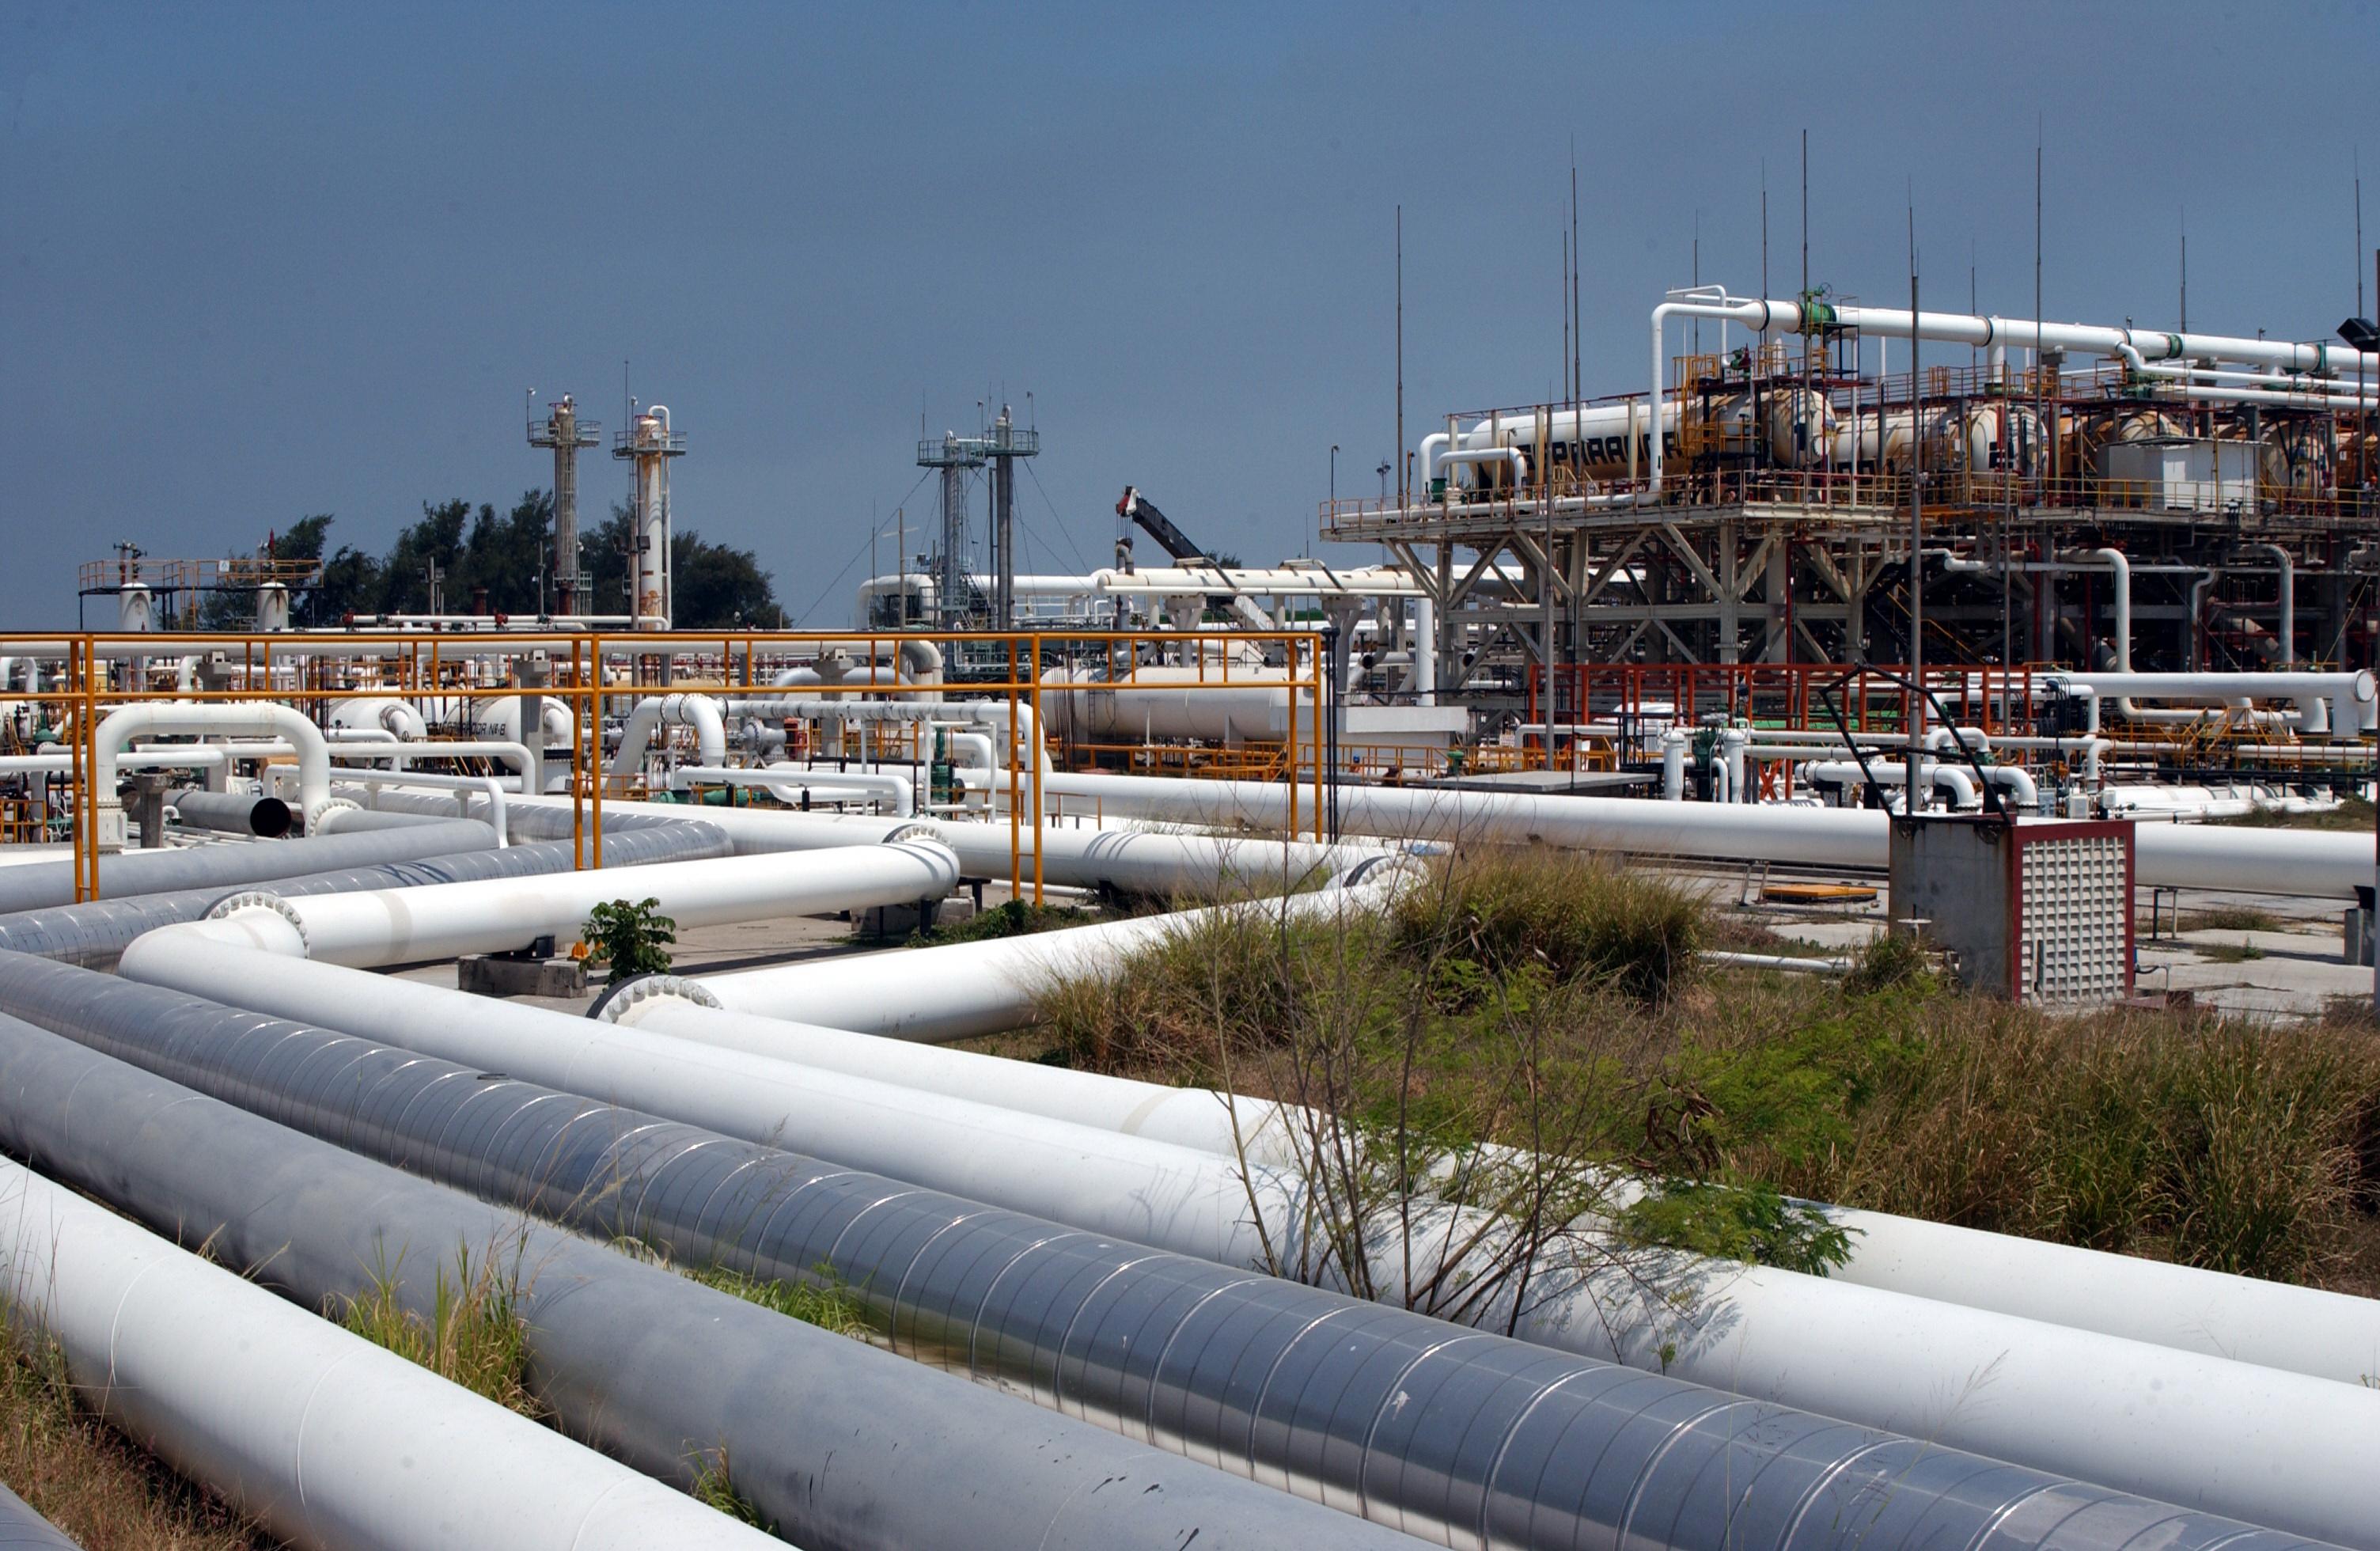 Ve Rockwell áreas de oportunidad en refinación y ductos de Pemex